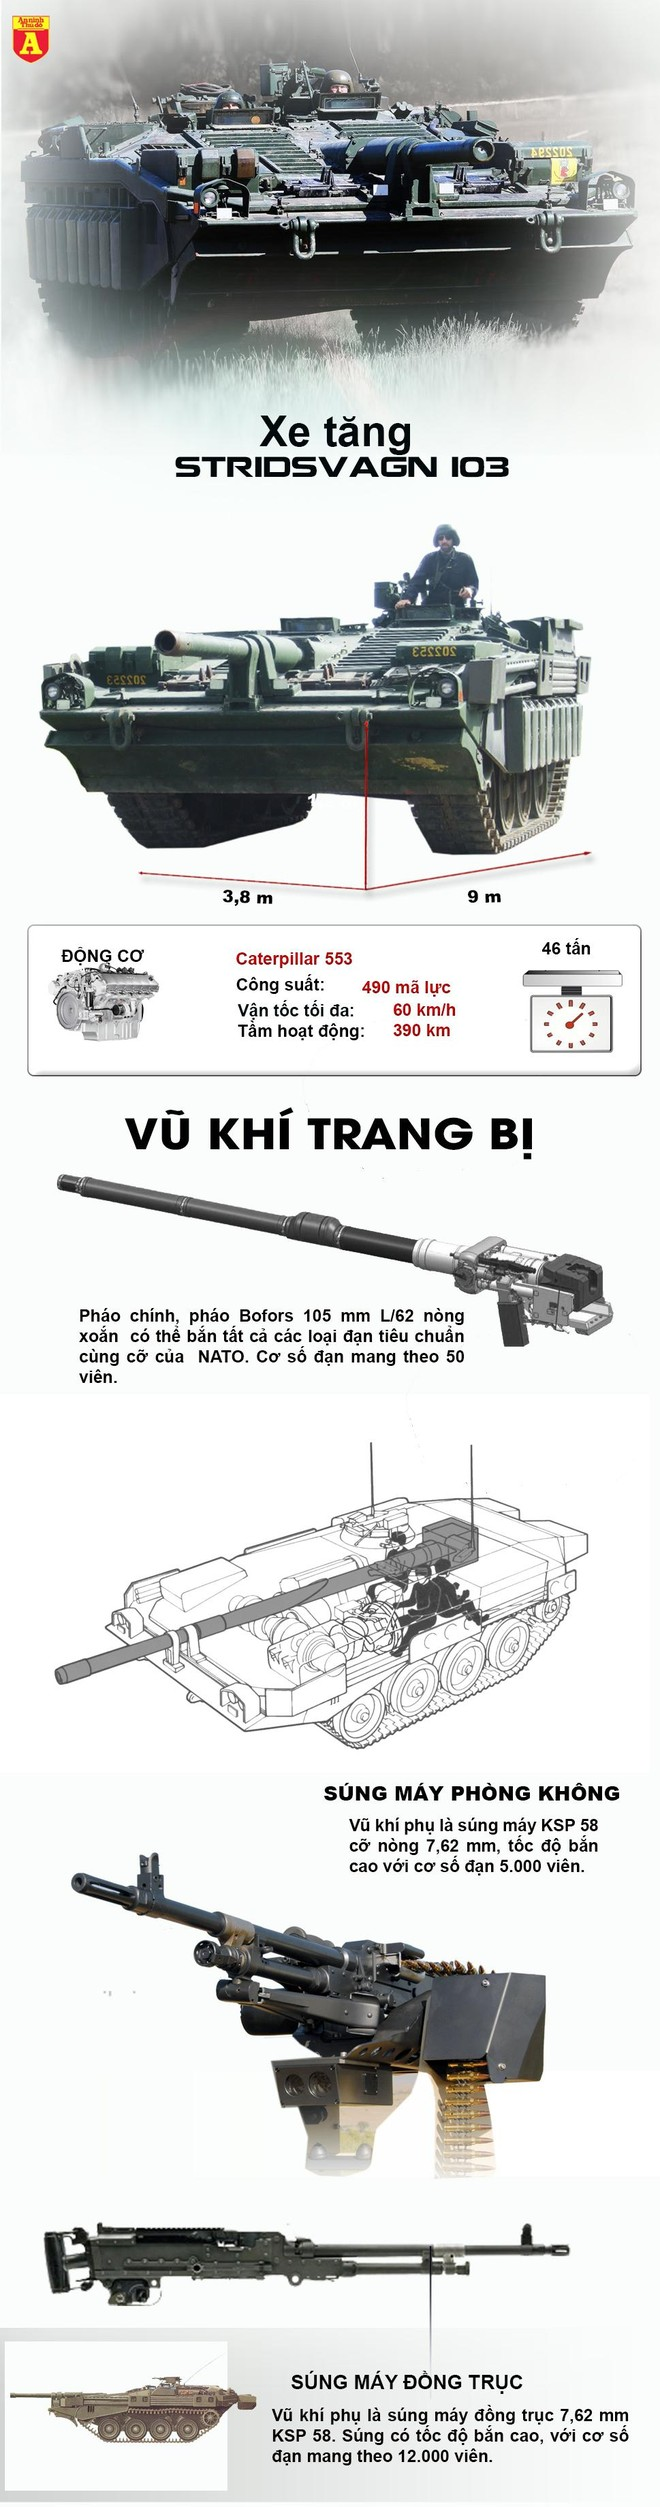 [Info] Xe tăng siêu dị có thể 'nhún nhảy' khi bắn từng làm Liên Xô lo lắng ảnh 3